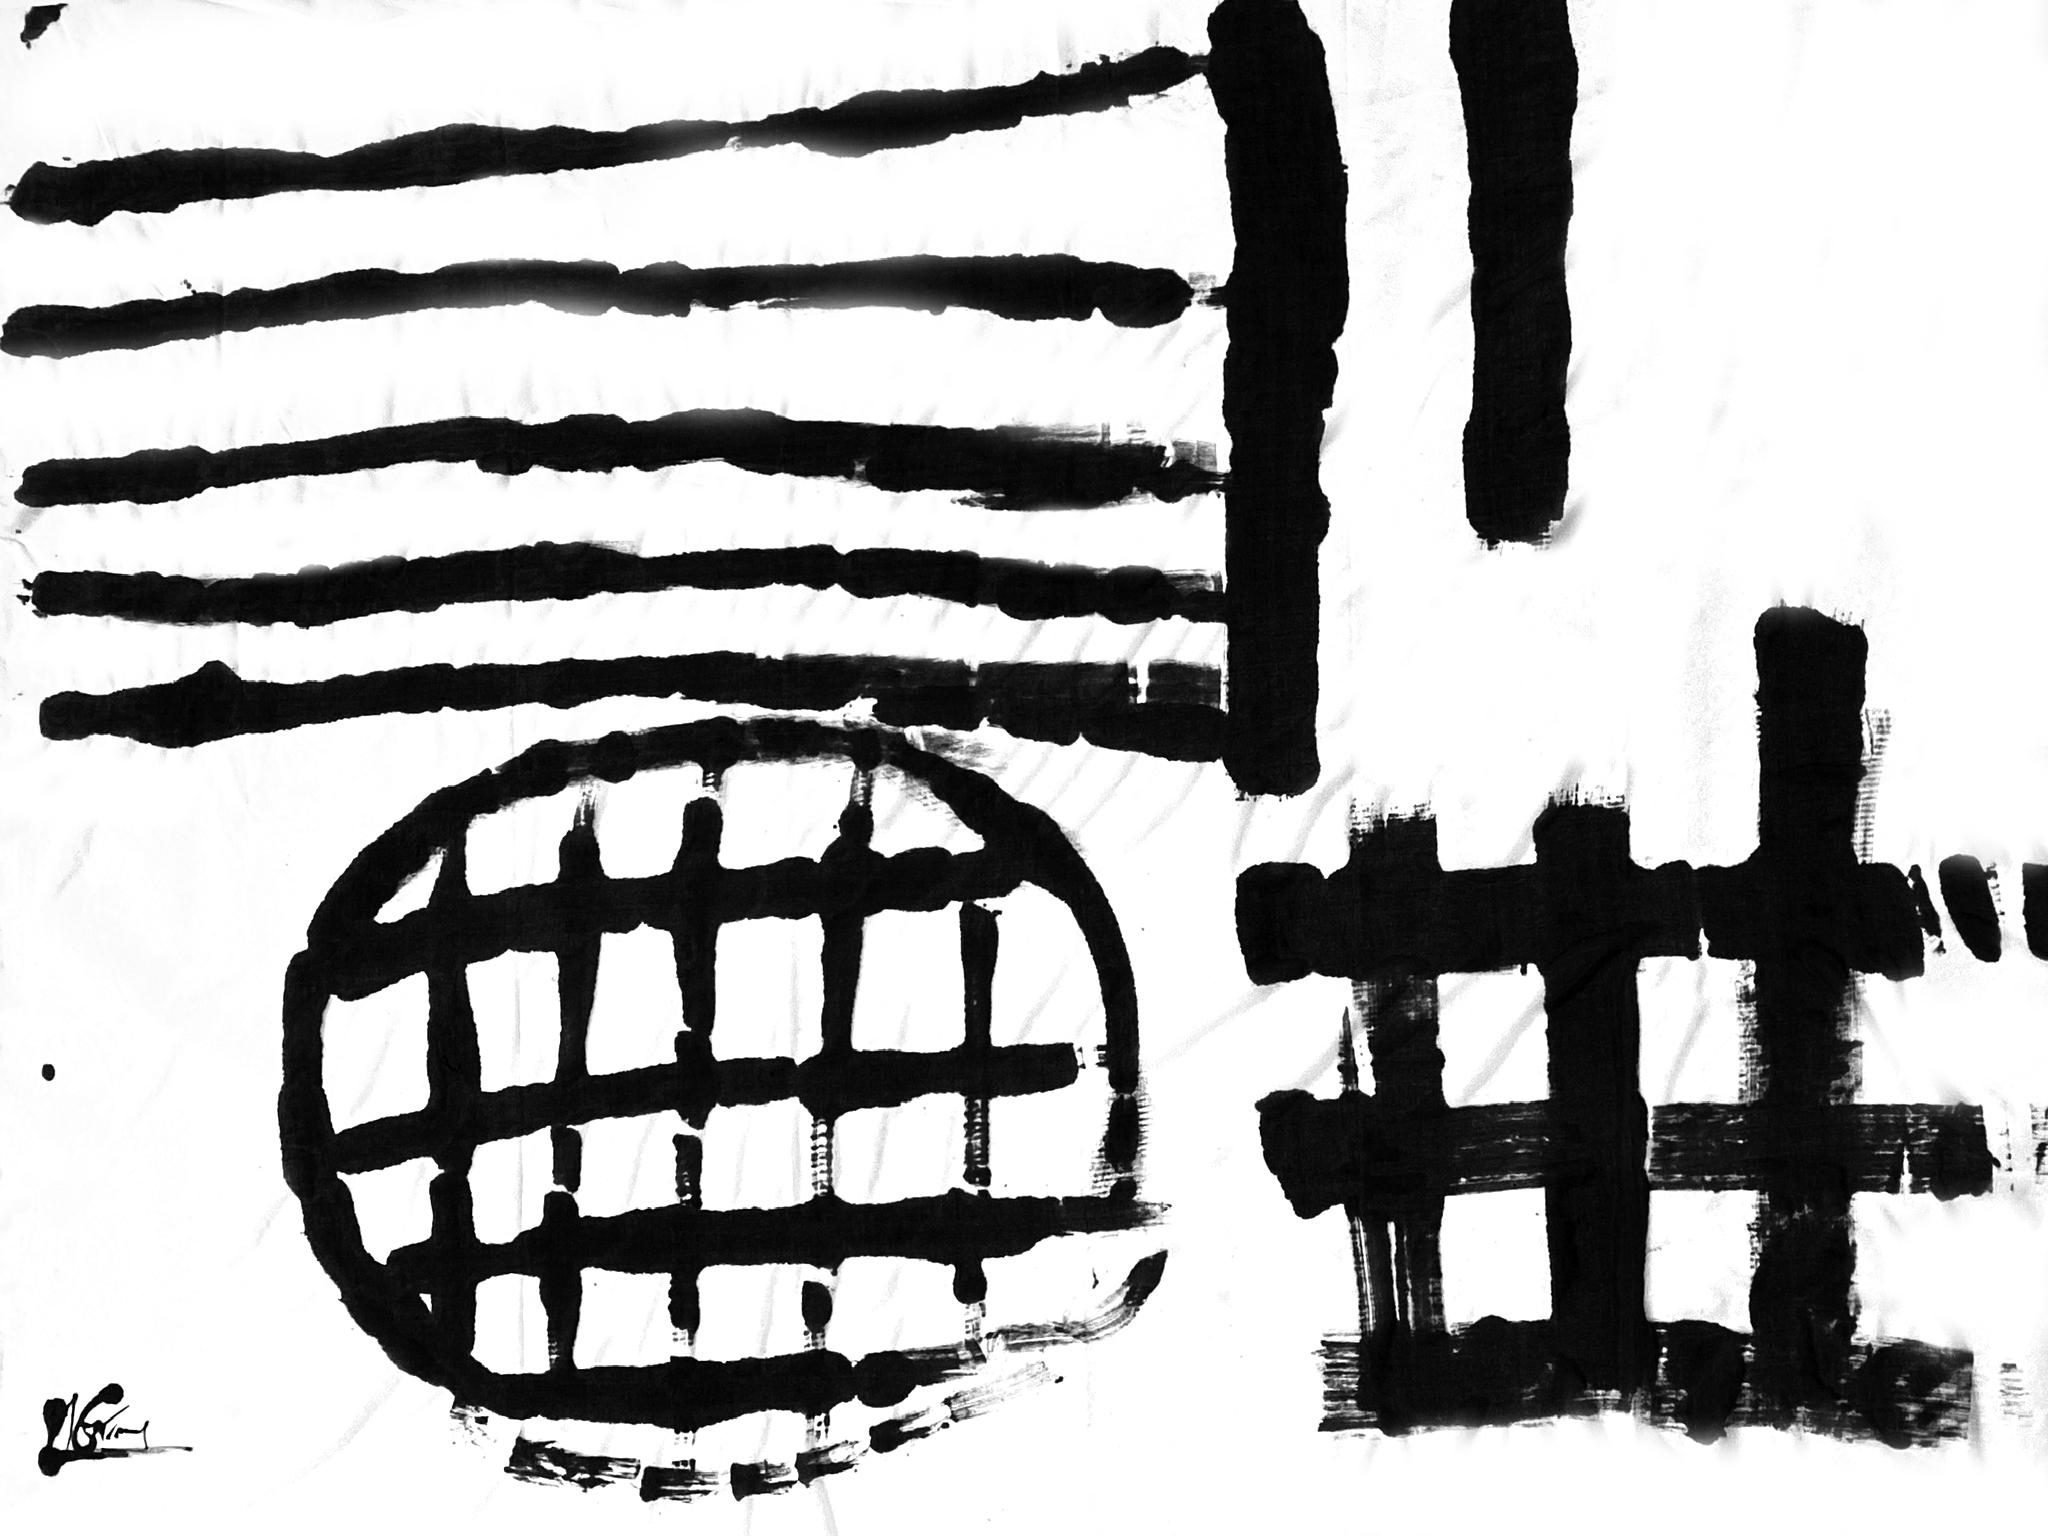 [着るARTストール]PLAIN CORNICE STOLE【SILKシルク】1117SILK-HP53 [登録意匠][送料/税込]